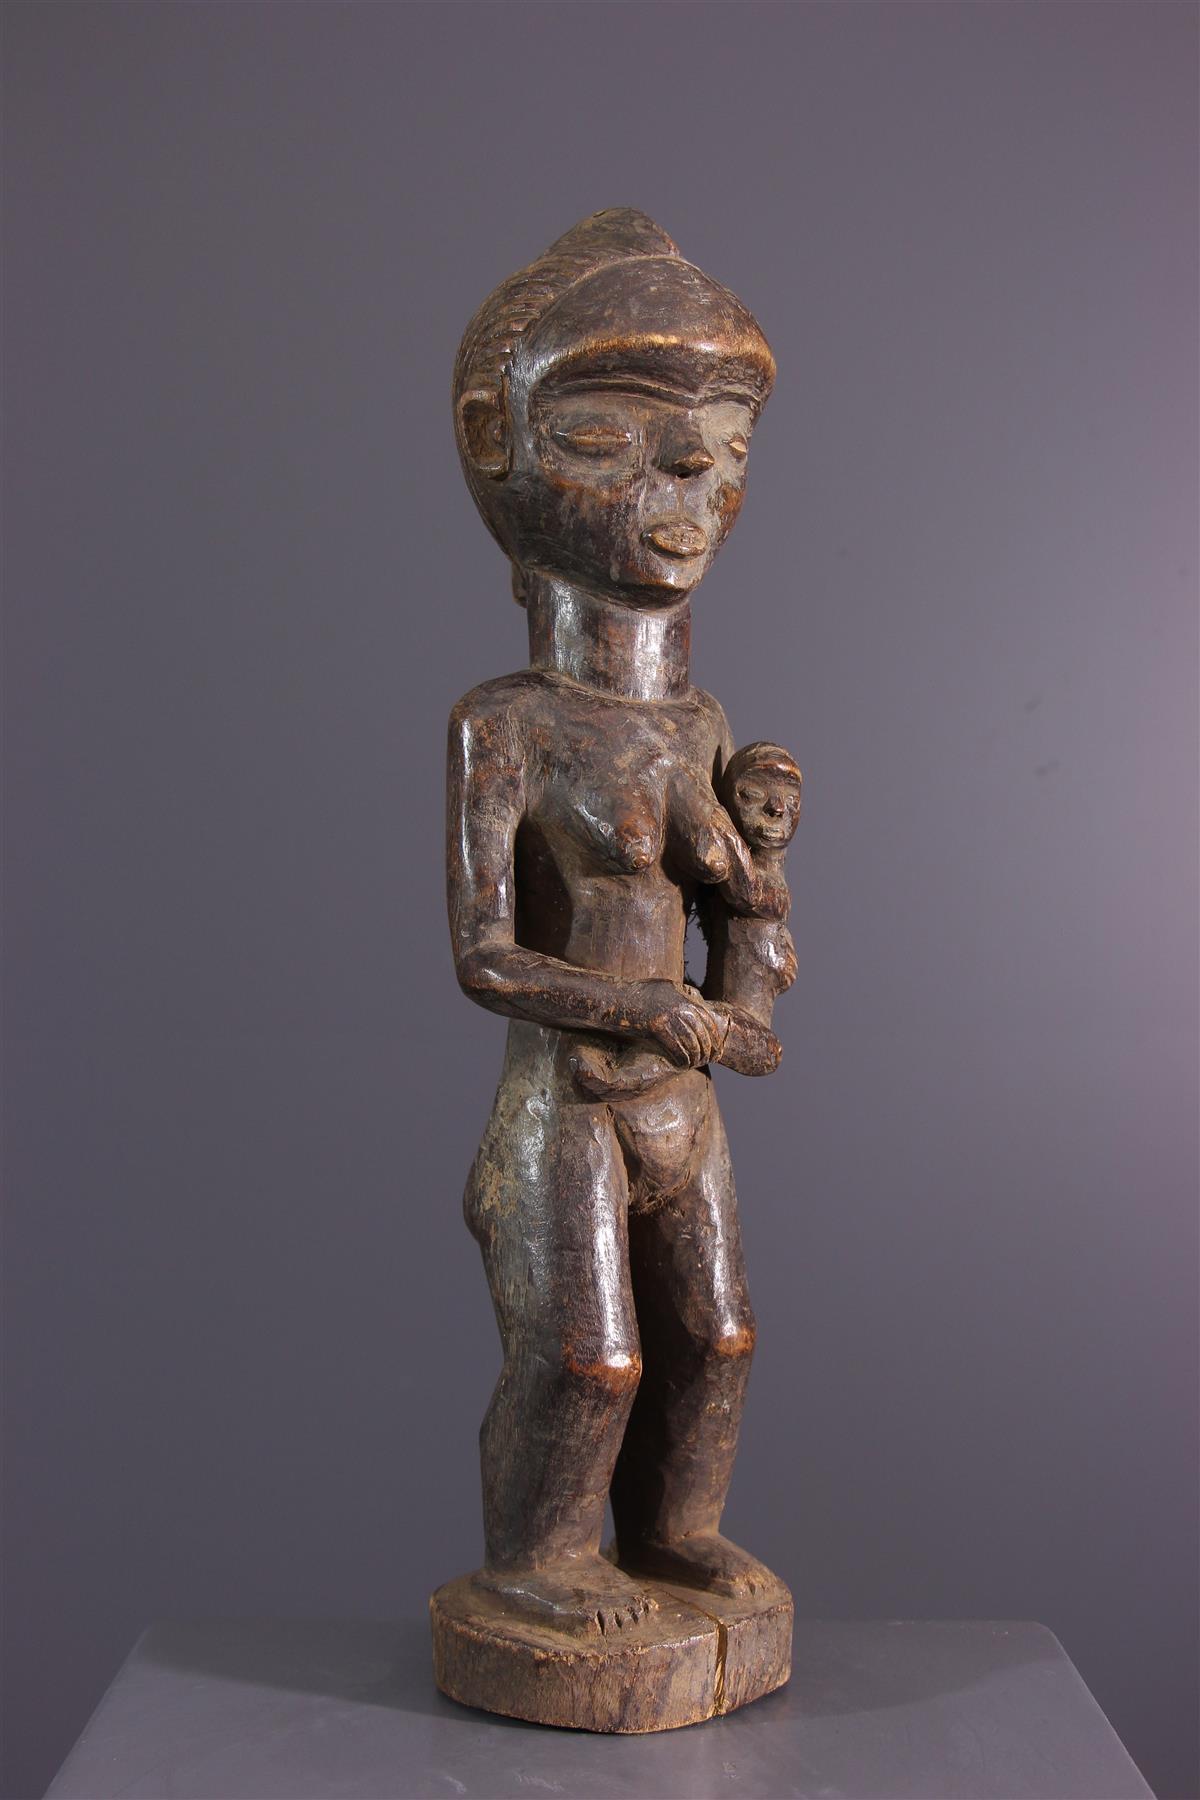 Mbala figure - African art